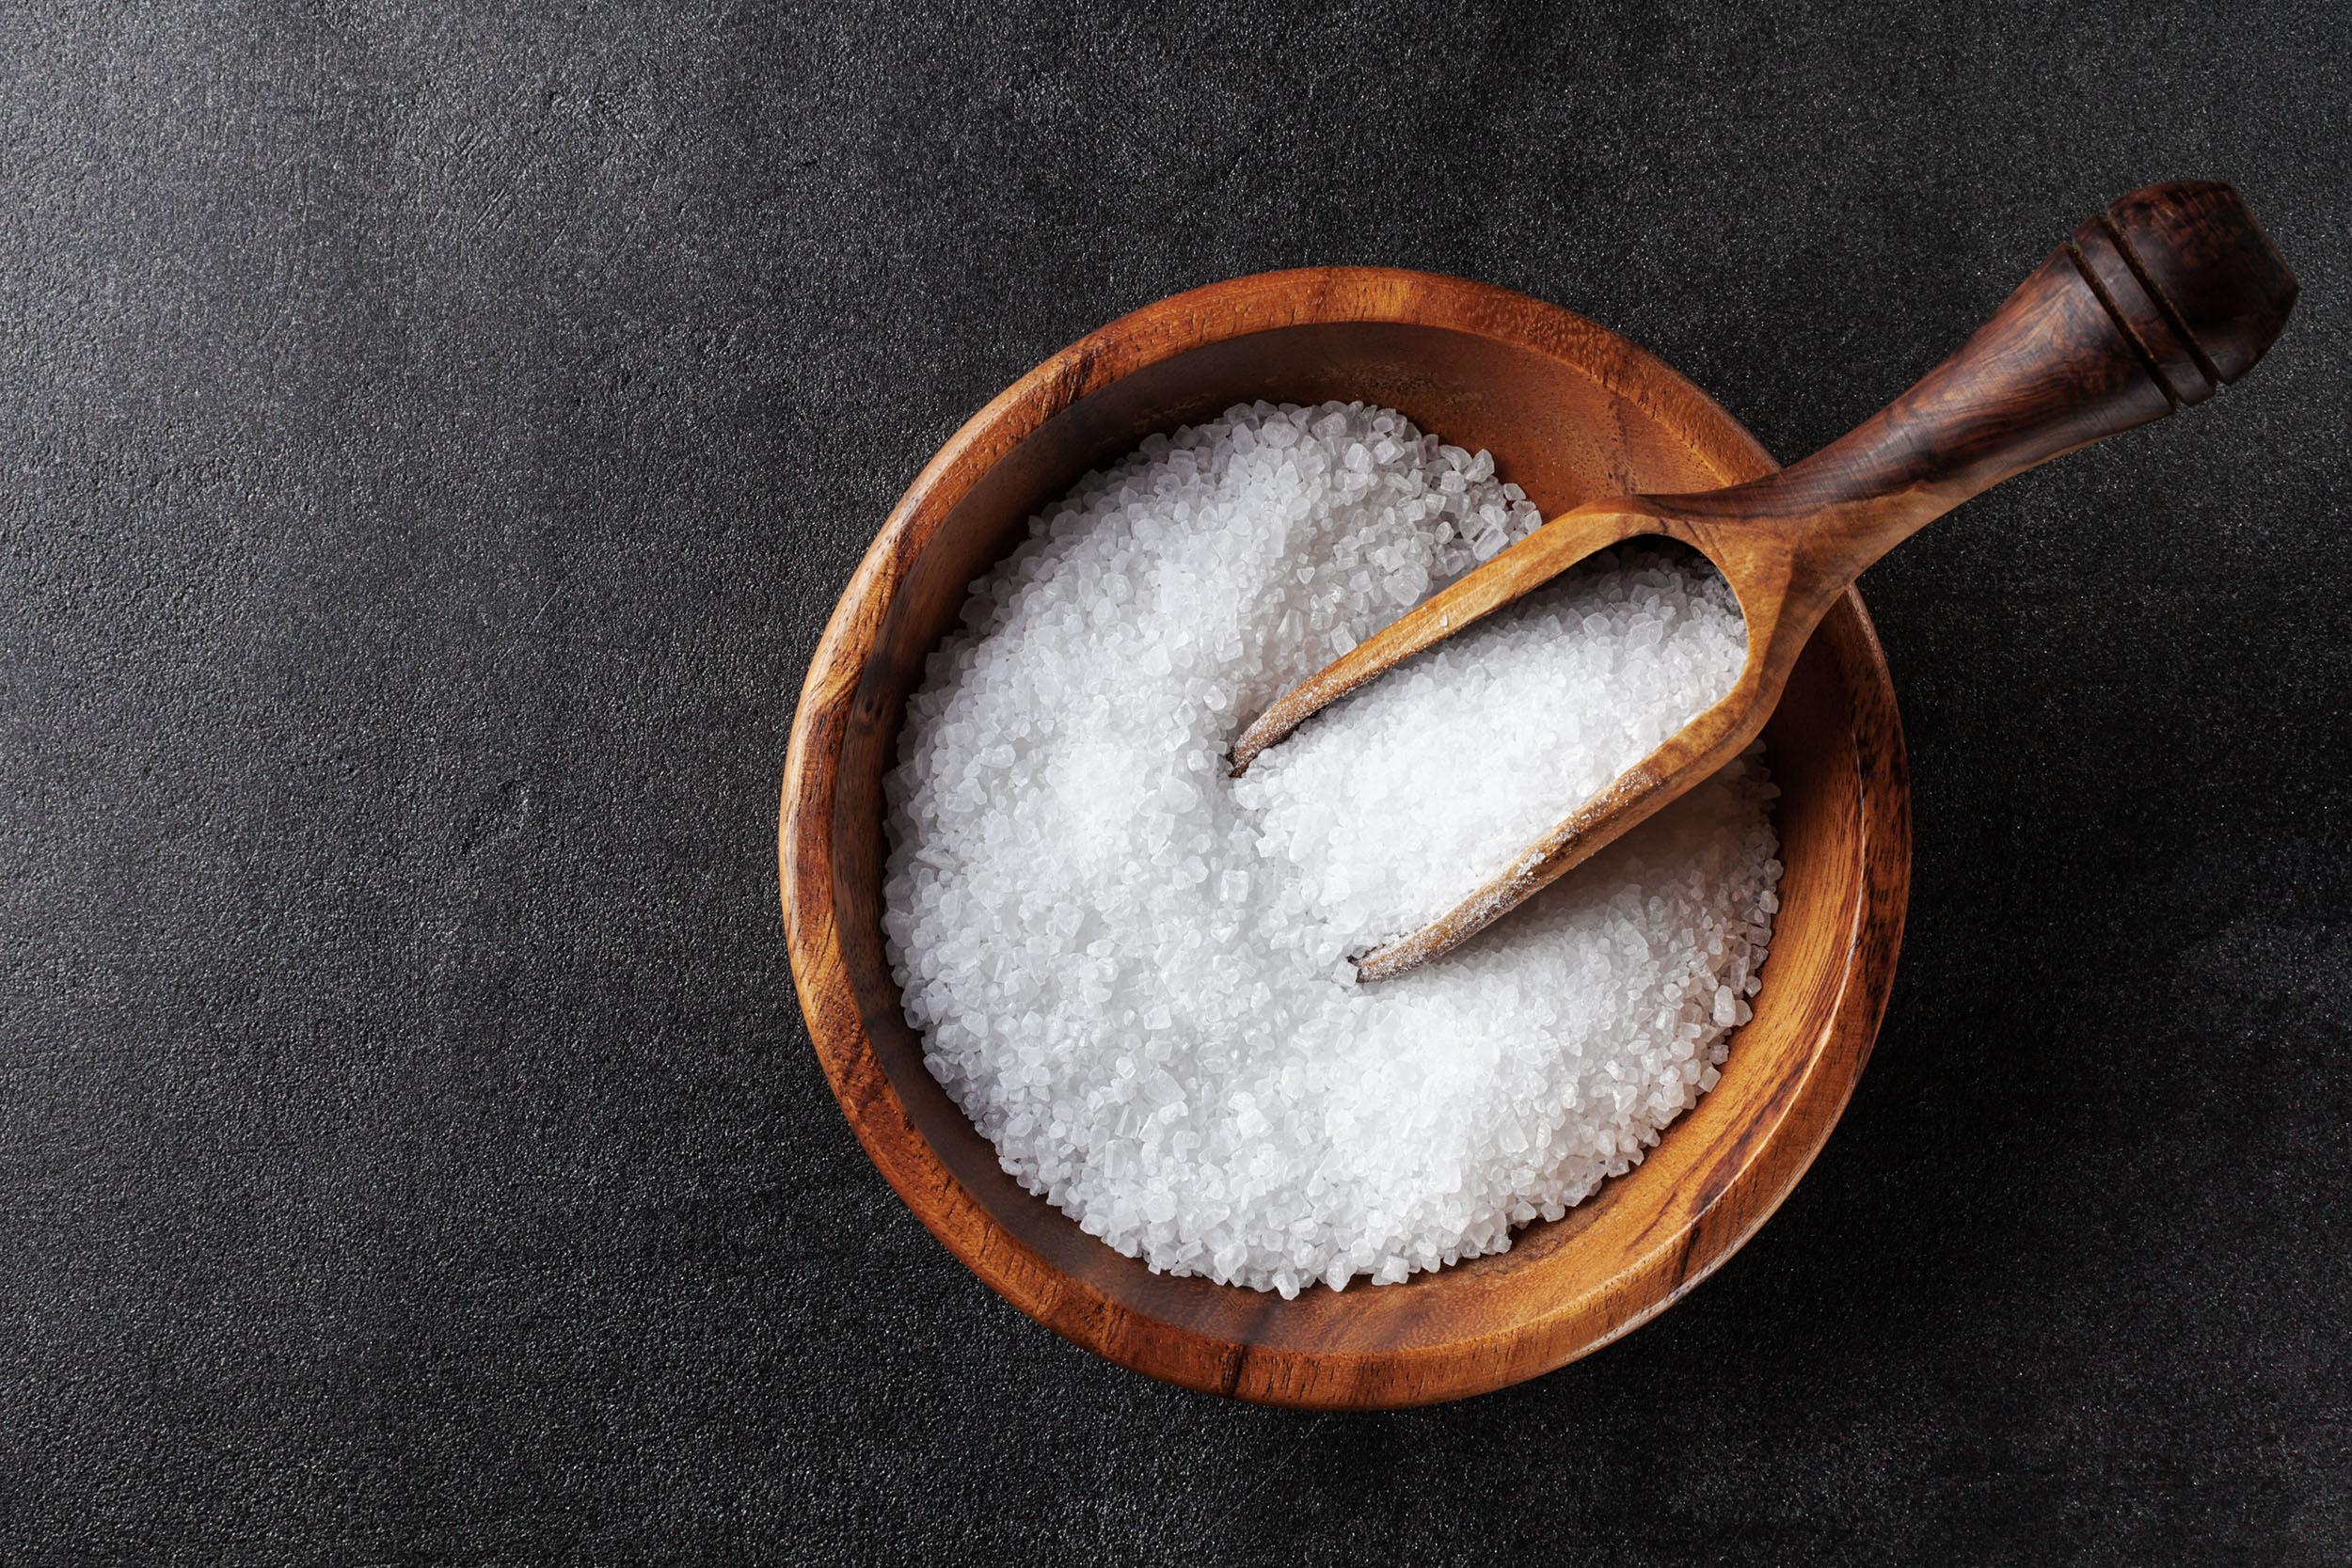 Salzschüssel auf schwarzem Stein